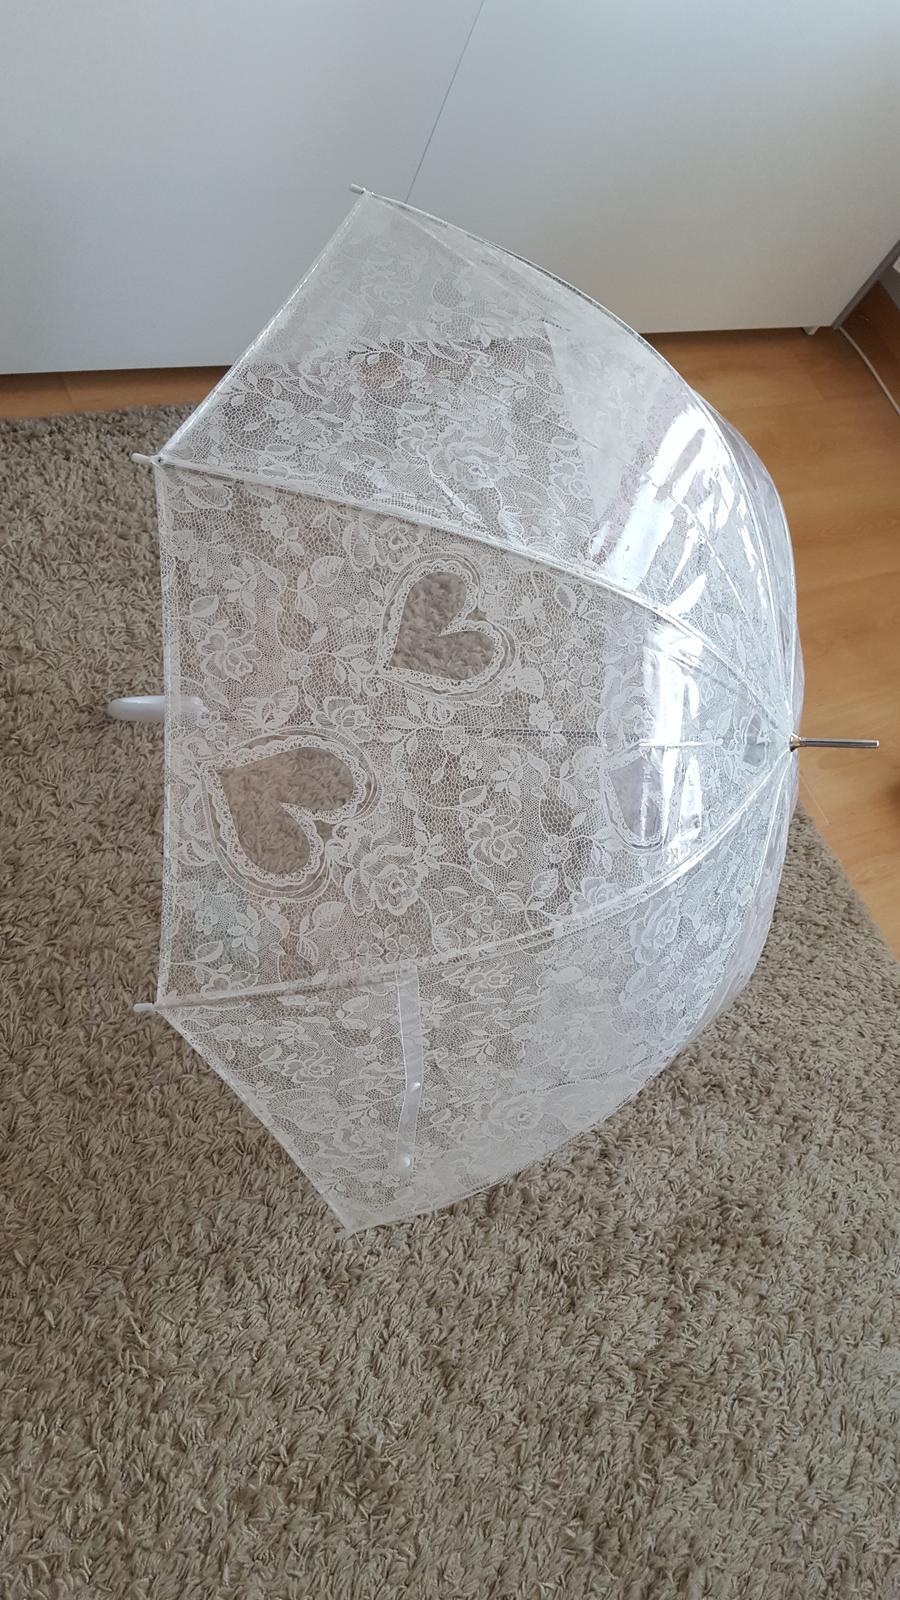 svatební deštník - Obrázek č. 1